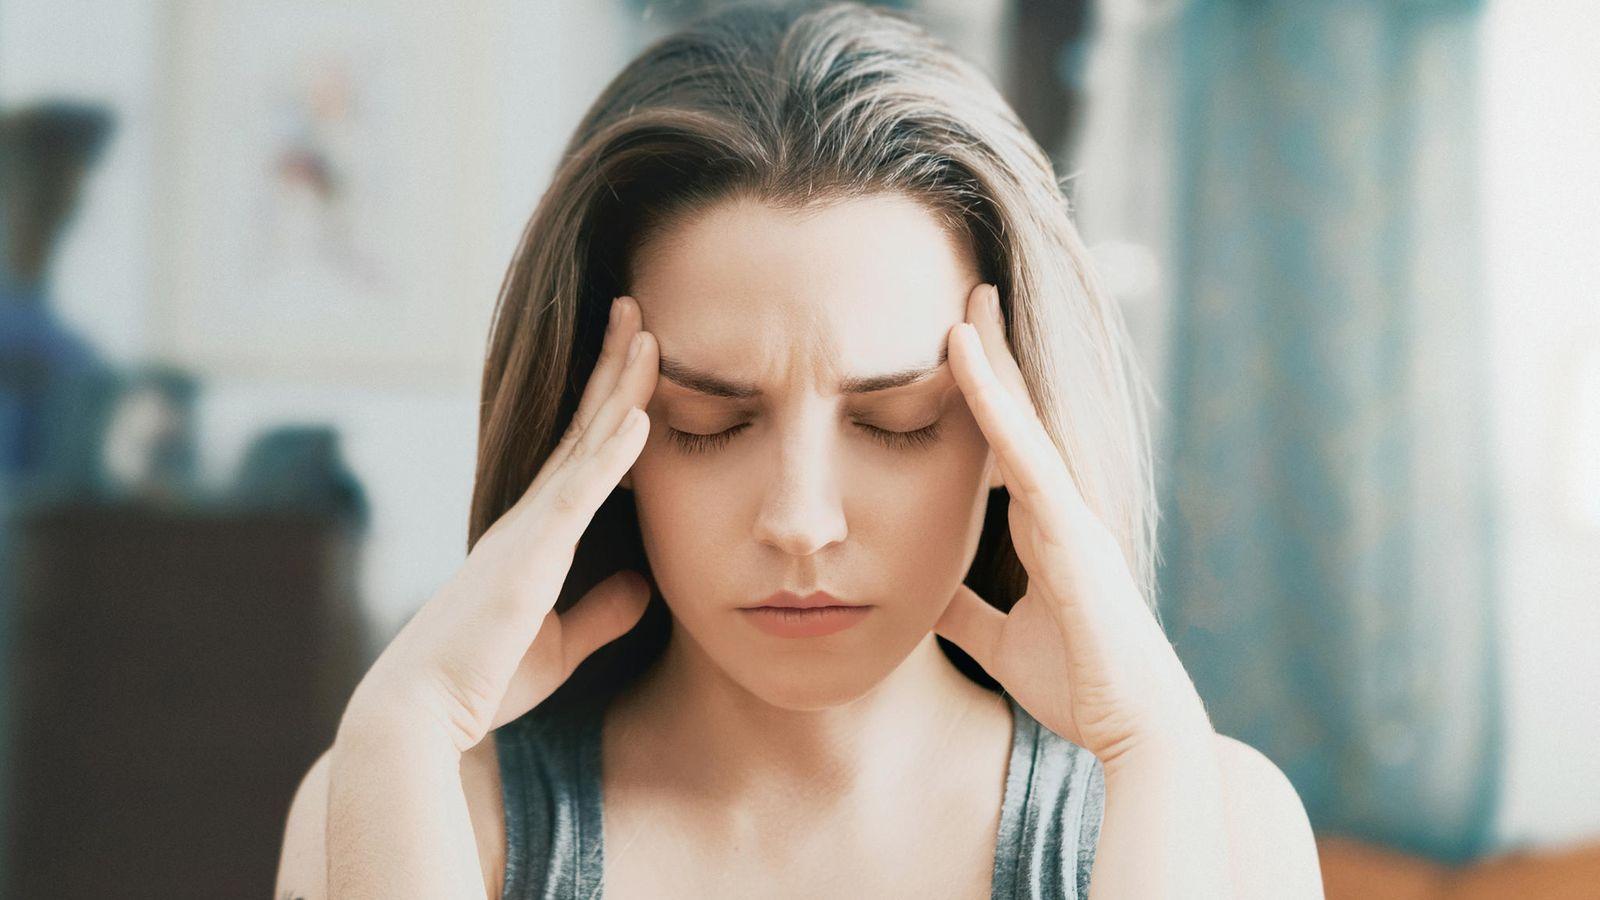 Лечение панических атак в домашних условиях и их симптомы, как лечить приступы